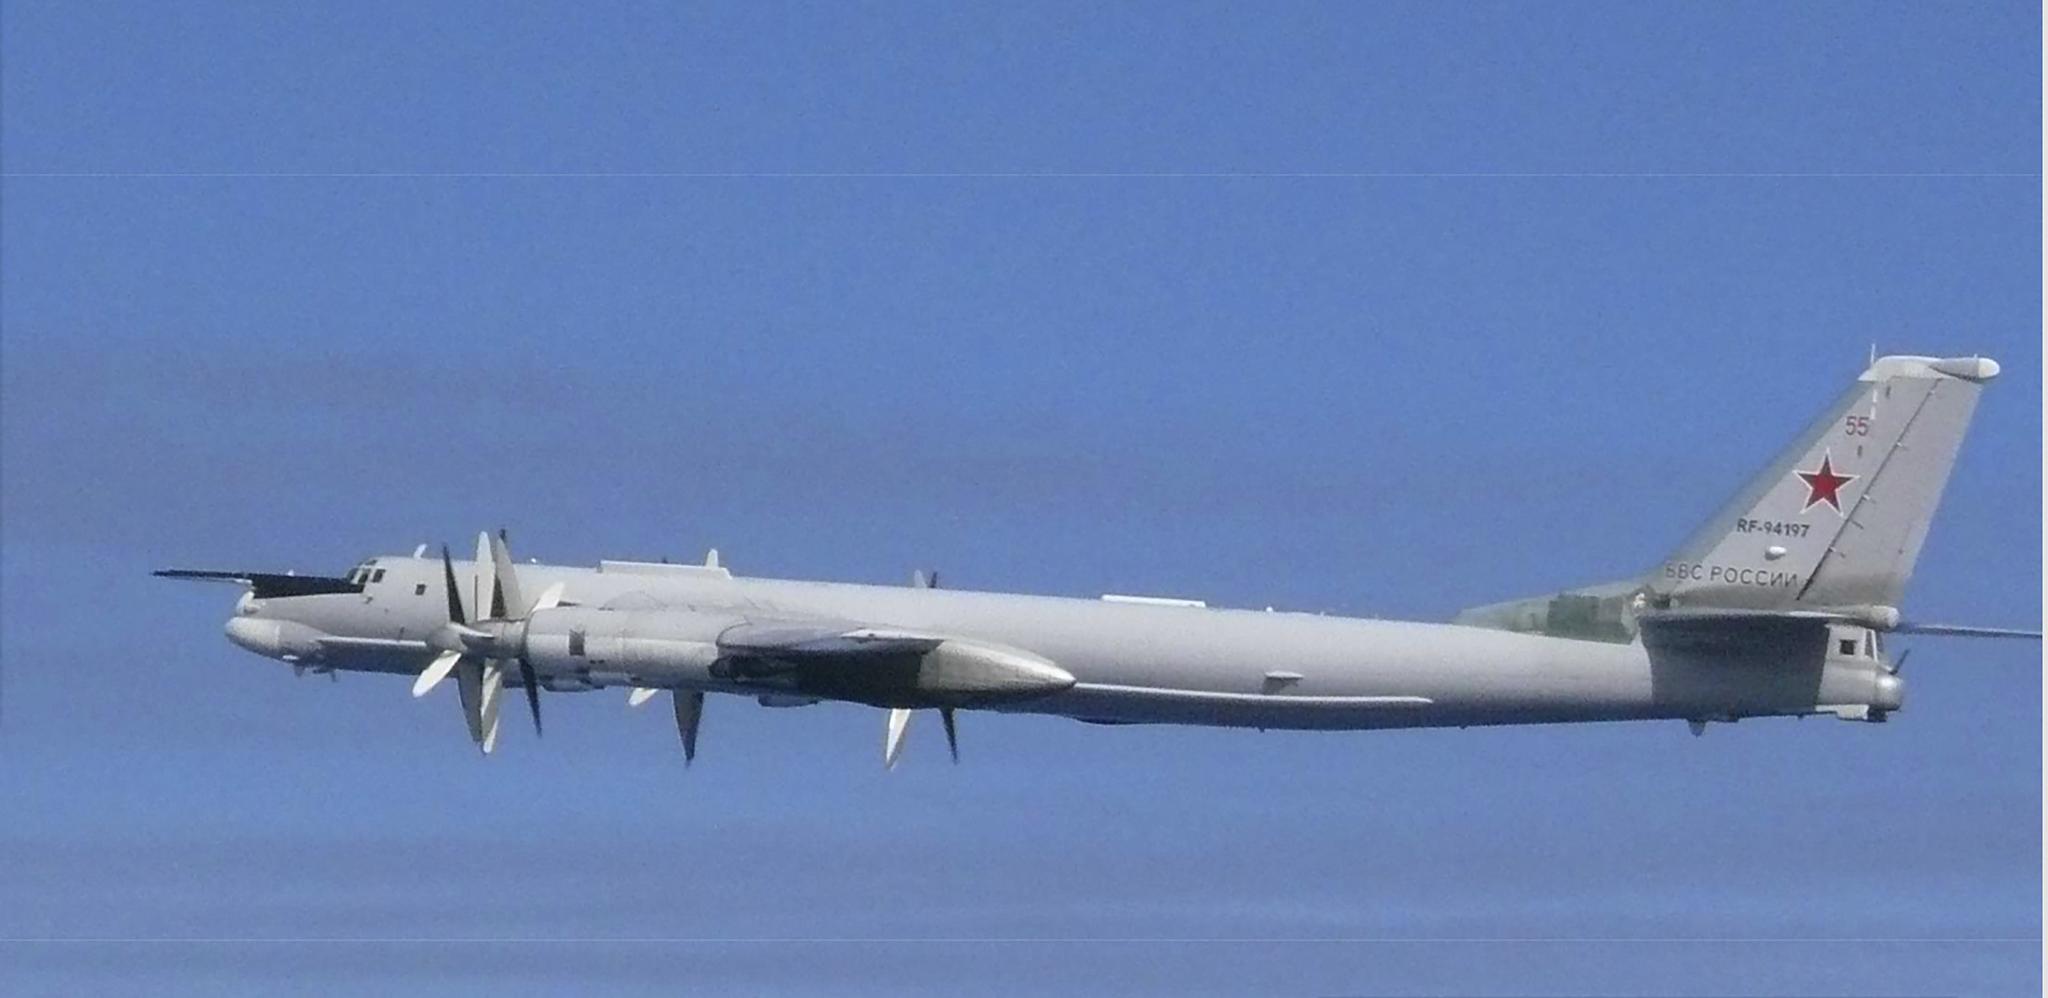 일본 방위성 통합막료감부가 23일 제공한 러시아 Tu-95 전략폭격기 사진. 이 Tu-95 폭격기는 한국의 방공식별구역을 침범했다. [AP=연합뉴스]